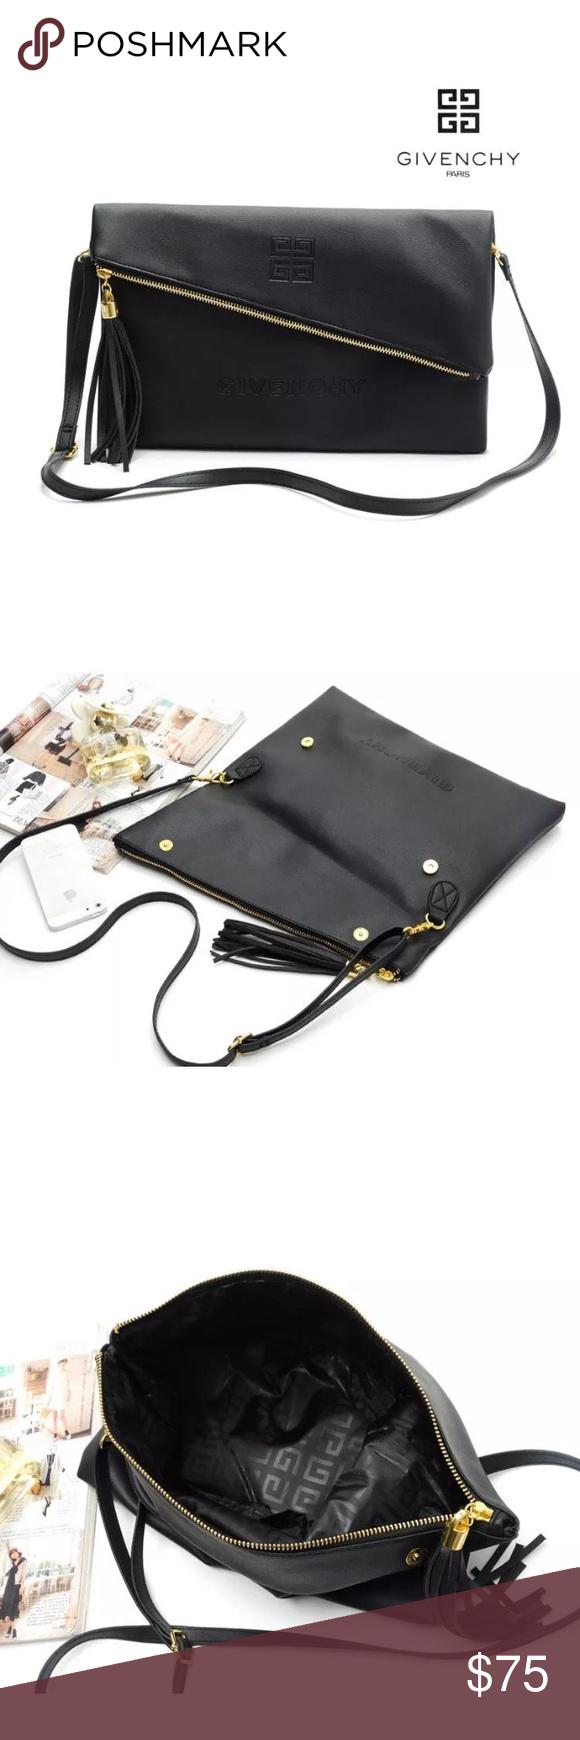 Authentic Givenchy crossbody clutch purse new Brand new authentic Givenchy  item. There is no serial 45ef762da0